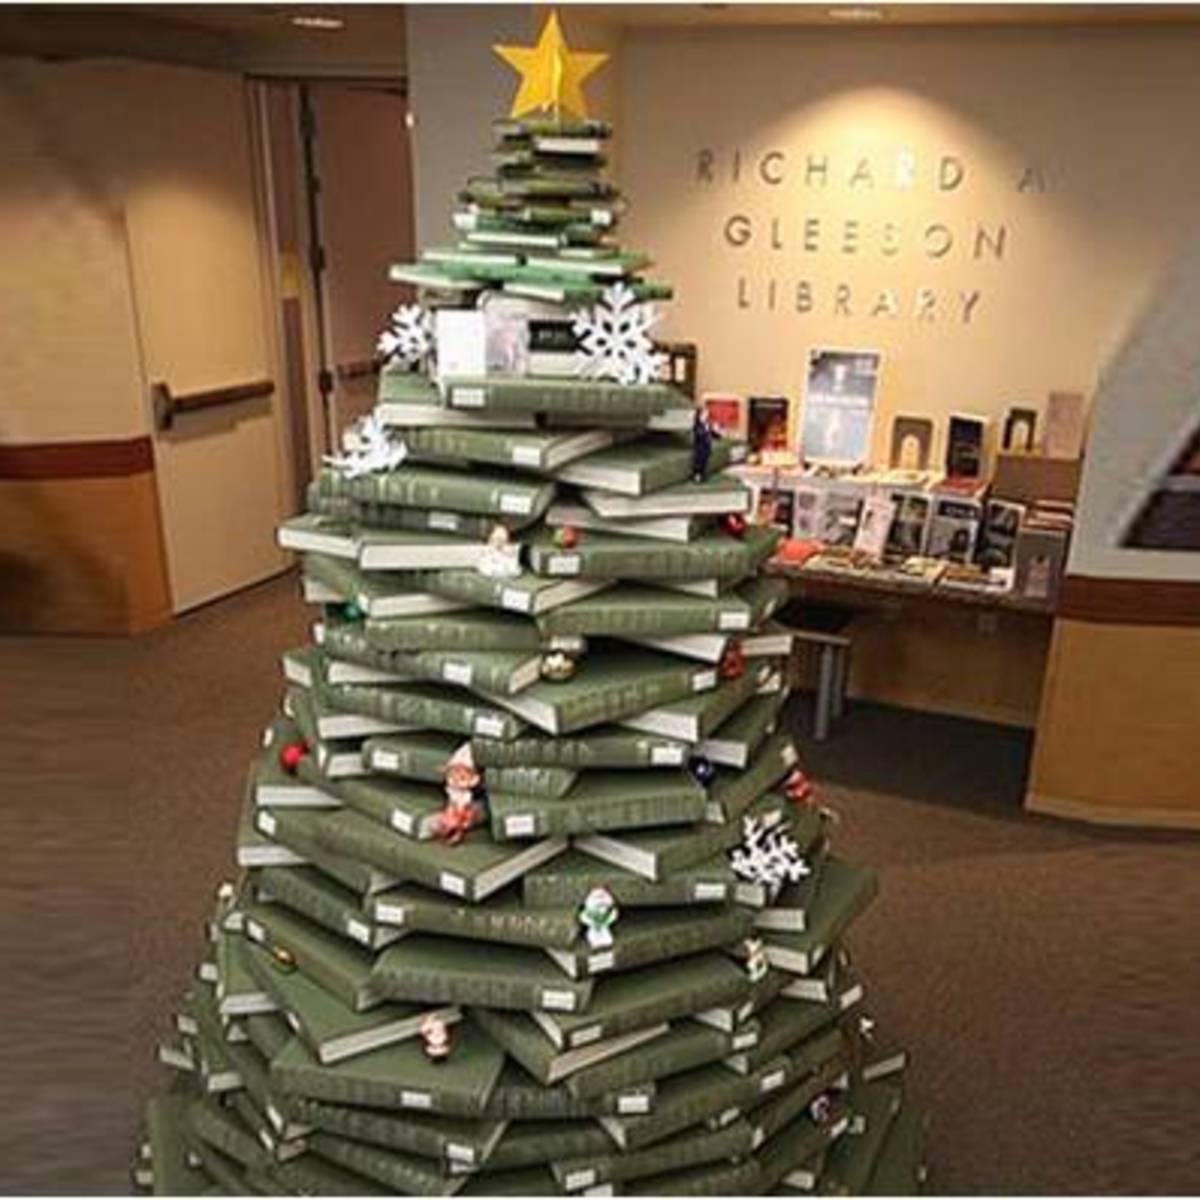 Albero Di Natale Ecologico.Un Albero Di Natale Ecologico Fatto Con Libri Di Biblioteca Livegreenblog